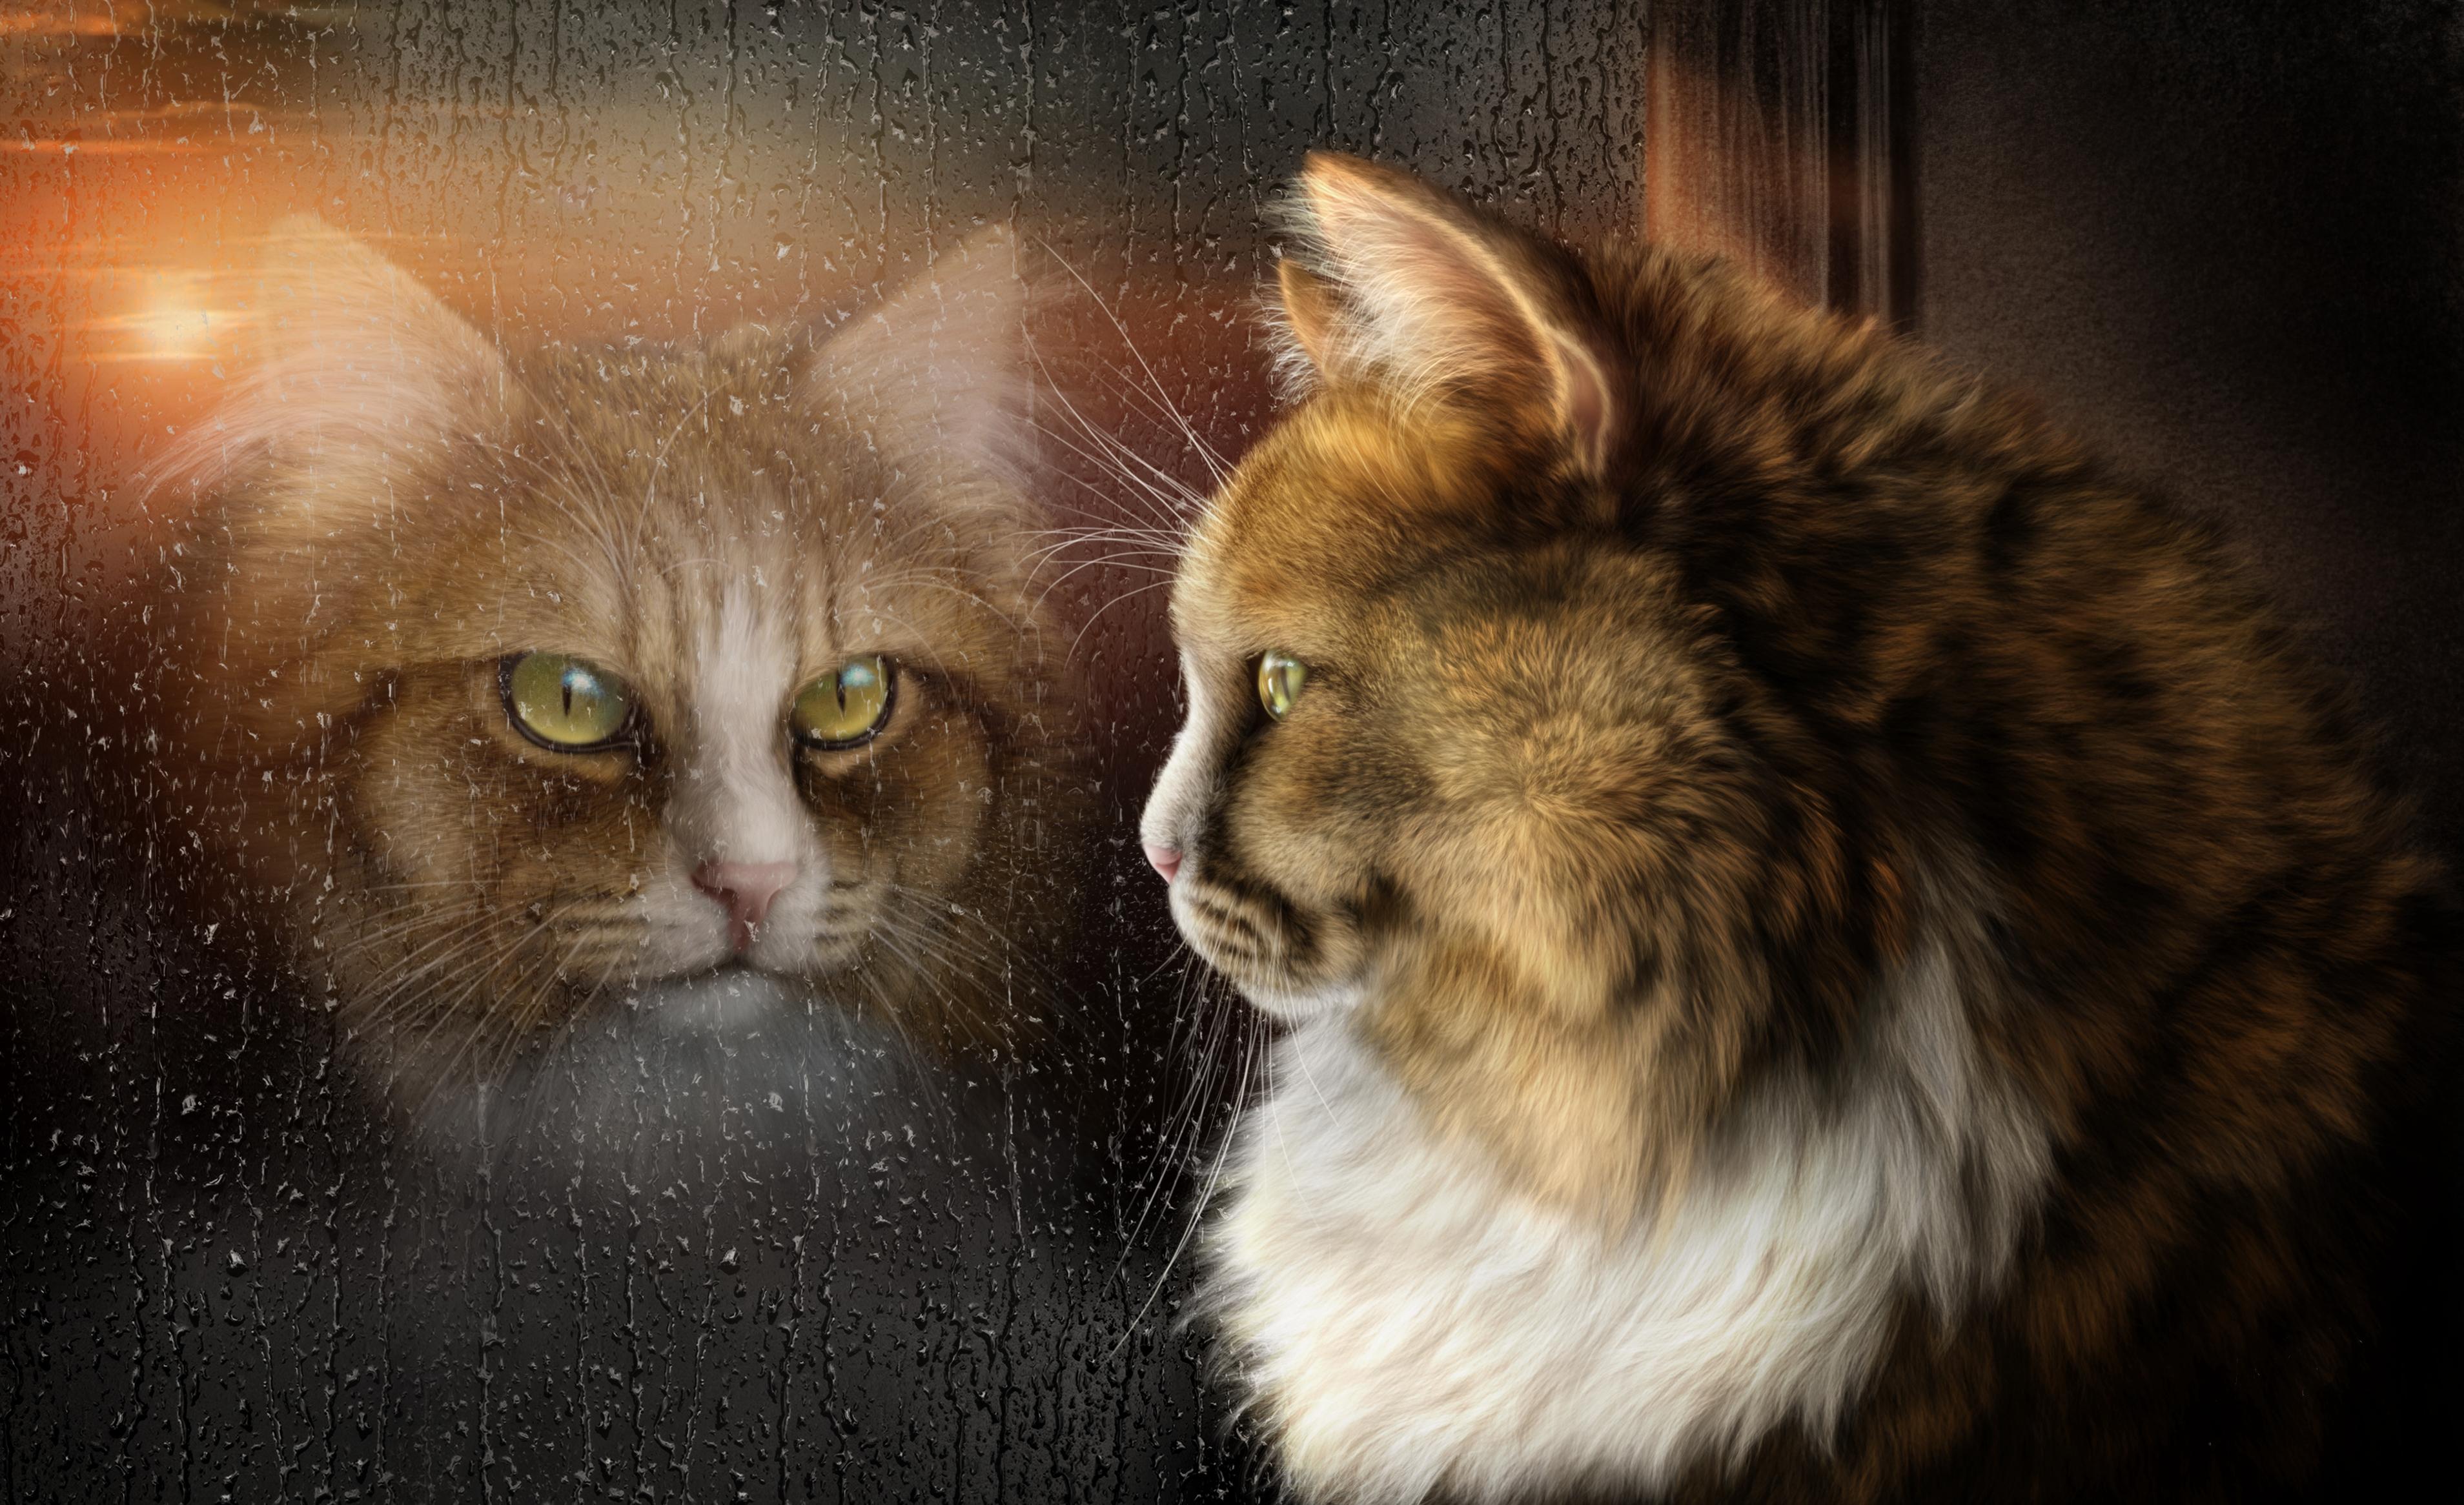 петроглифы красивые картинки котов фэнтези огромный